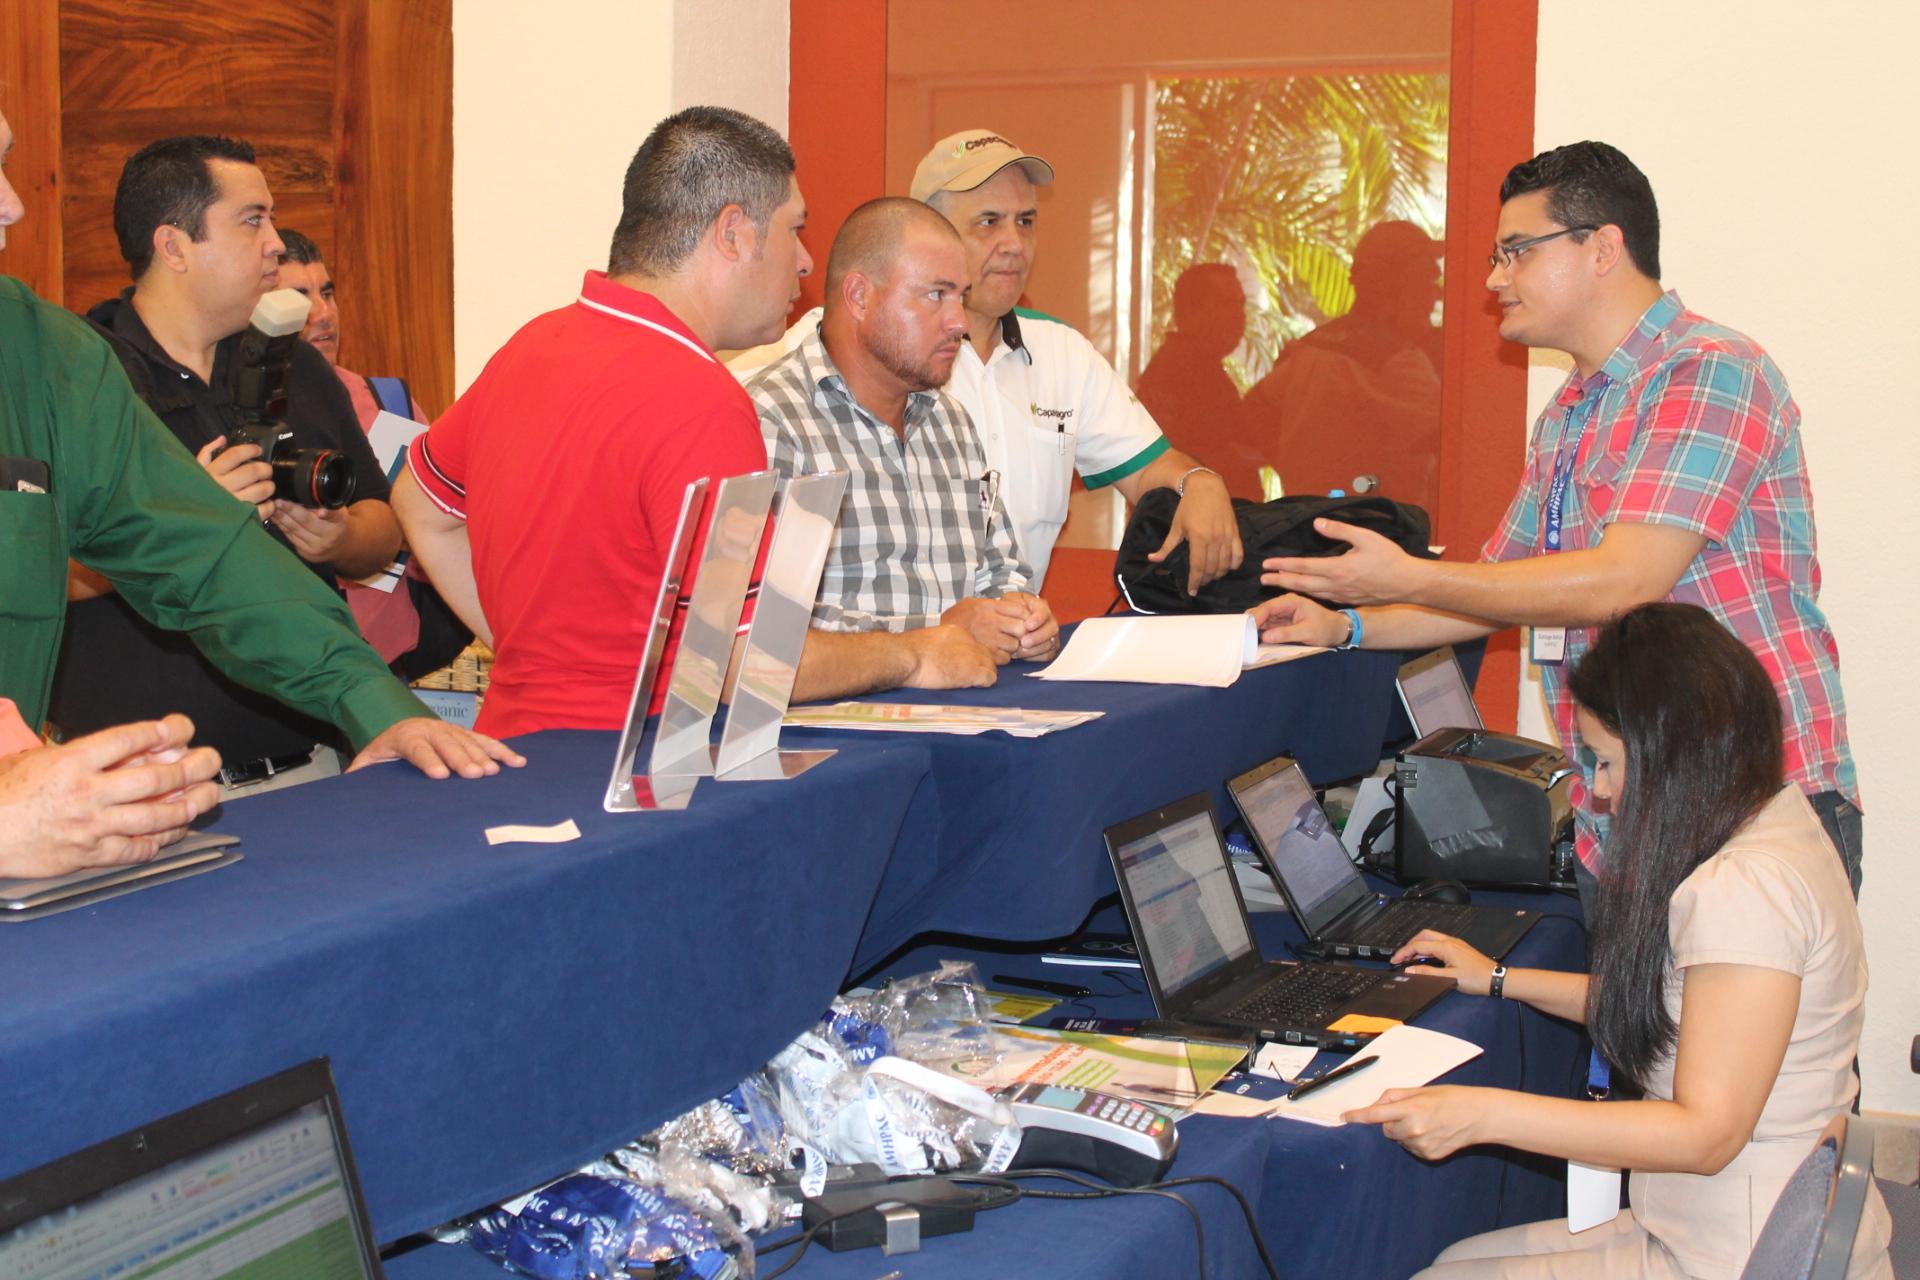 8vo Congreso AMHPAC reune cerca de 400 personas